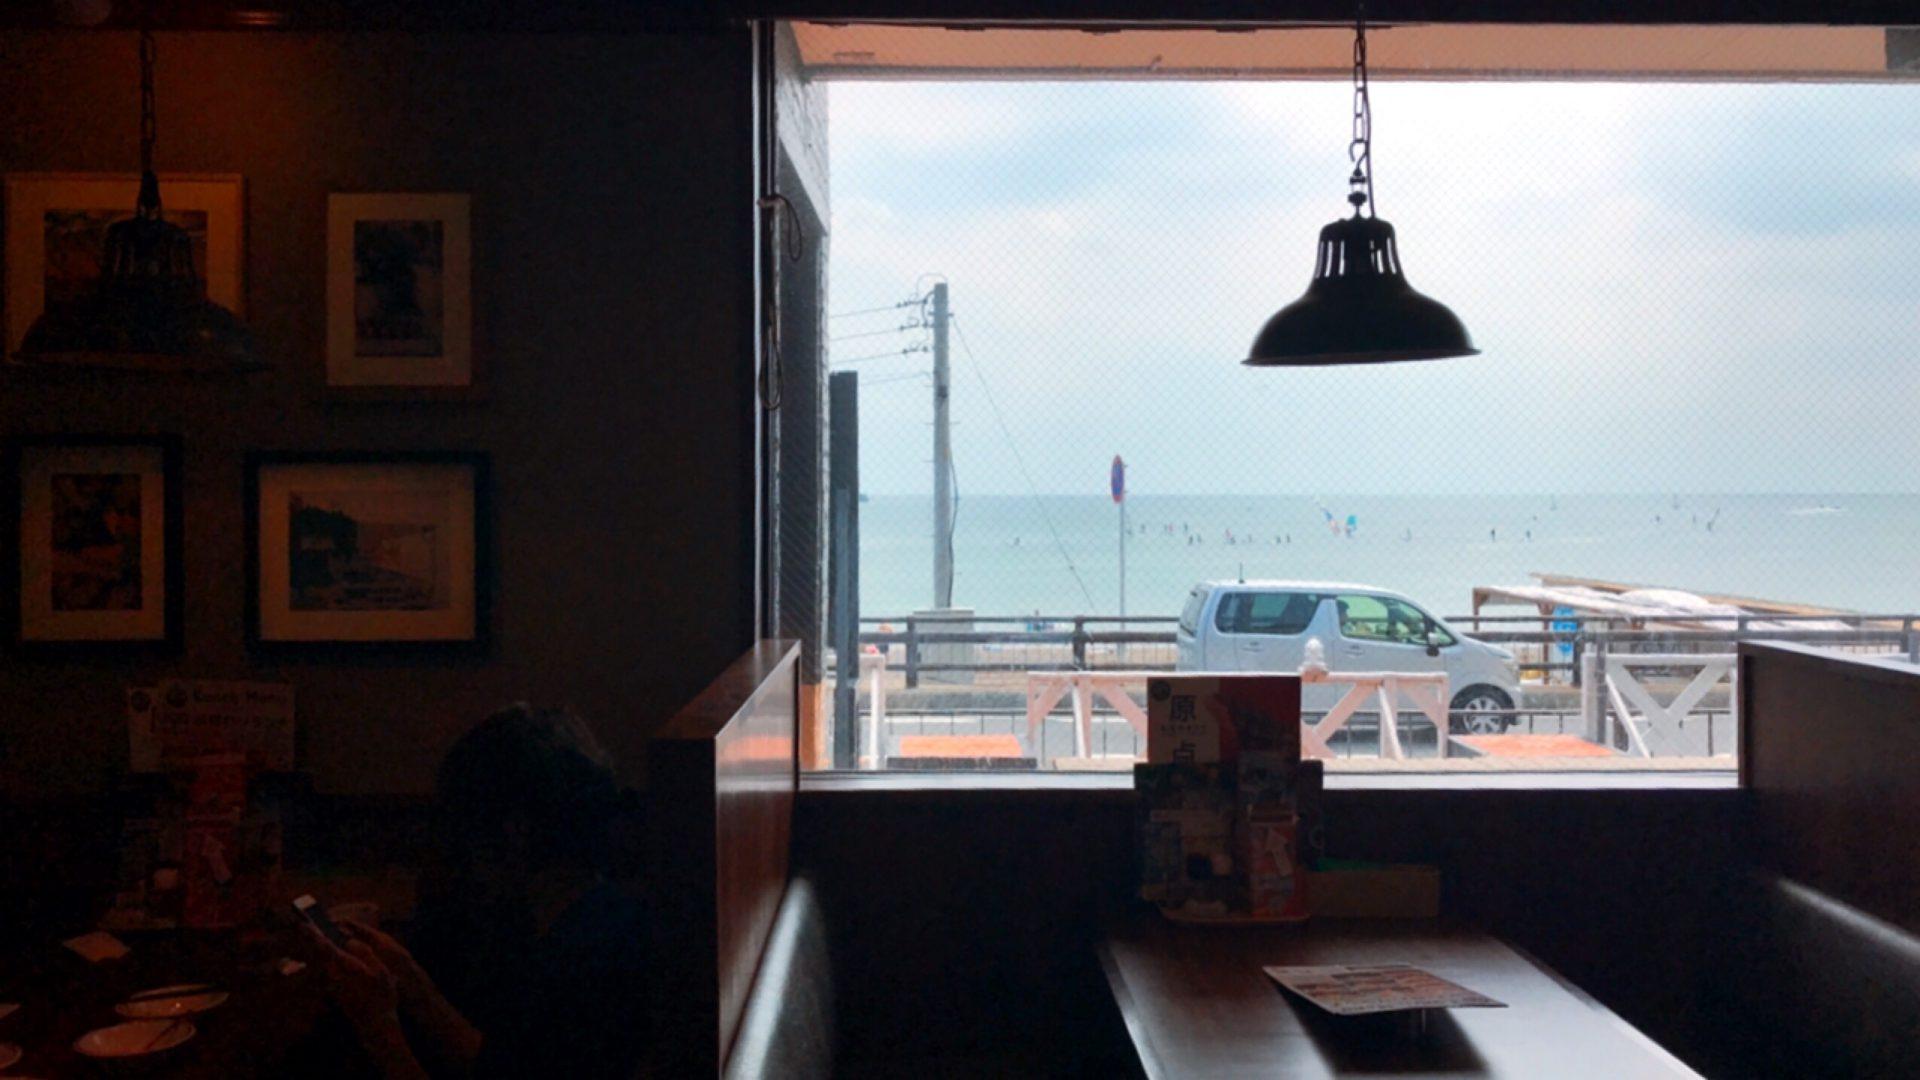 妊婦さんの貧血予防に!海の見えるステーキガストに行ってみた🍖🏄